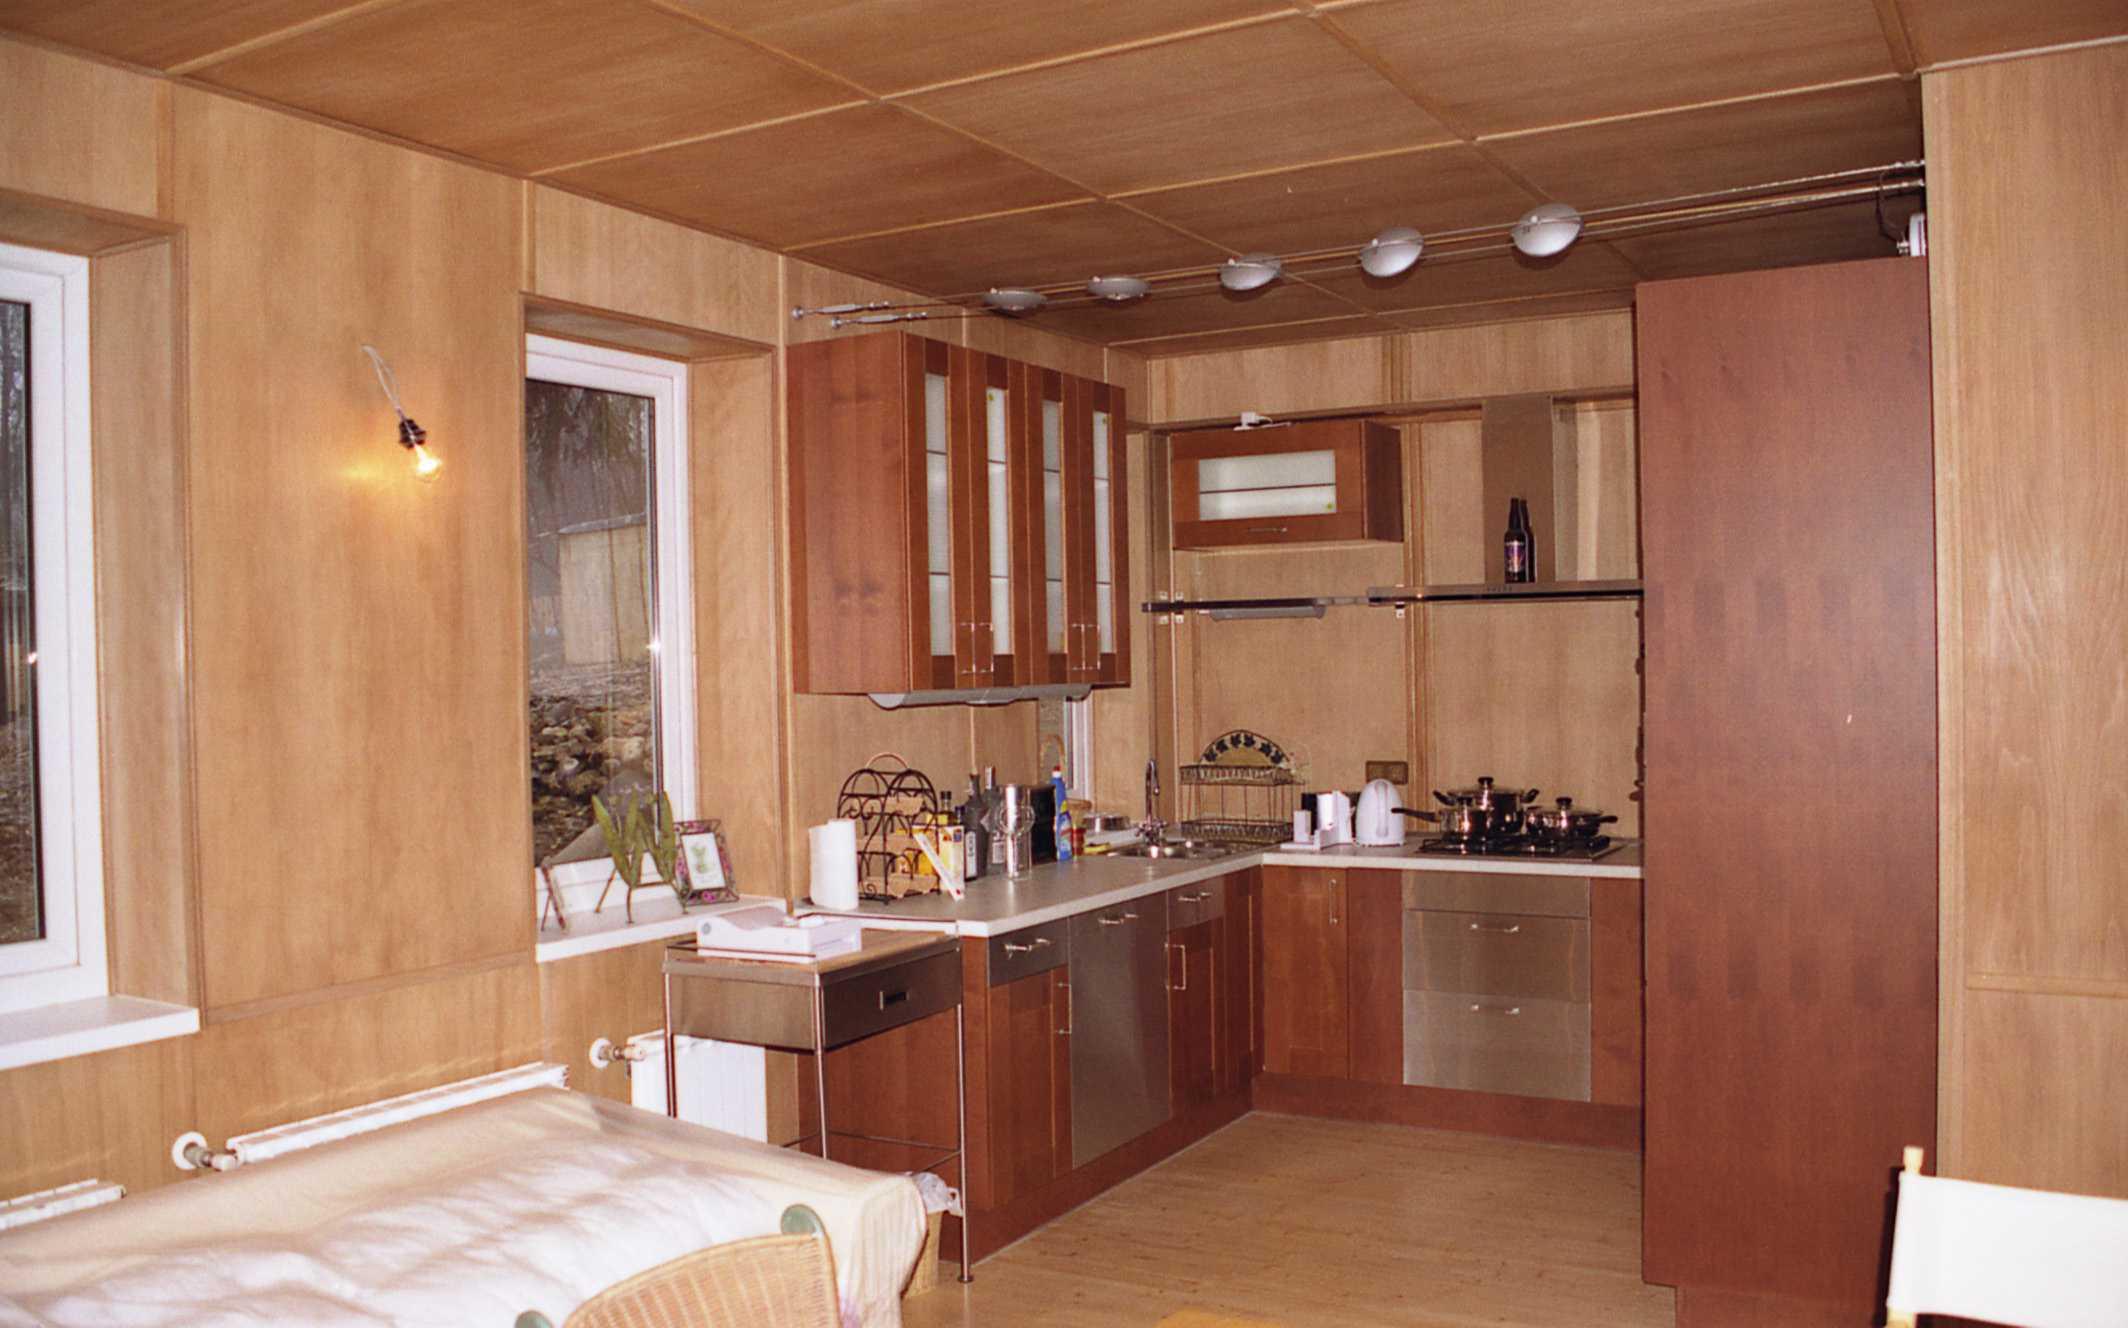 Отделка кухни в частном доме: подходящий дизайн и материалы 76